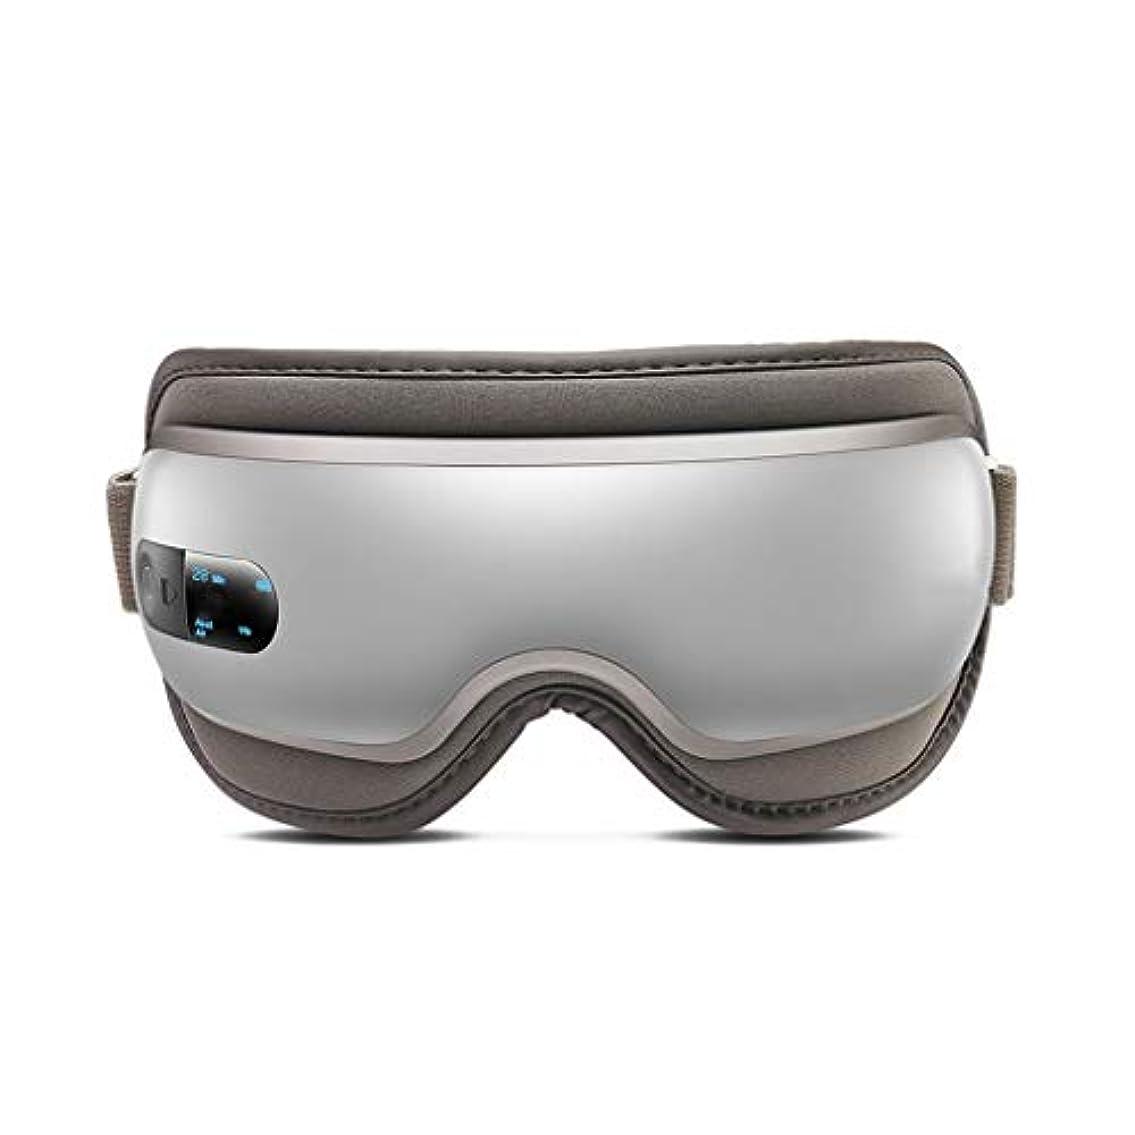 床酸相対サイズアイマッサージャーコードレス電動アイマッサージャー熱振動空気圧縮音楽頭痛を和らげるストレス目リラクゼーション旅行オフィスファミリーカー